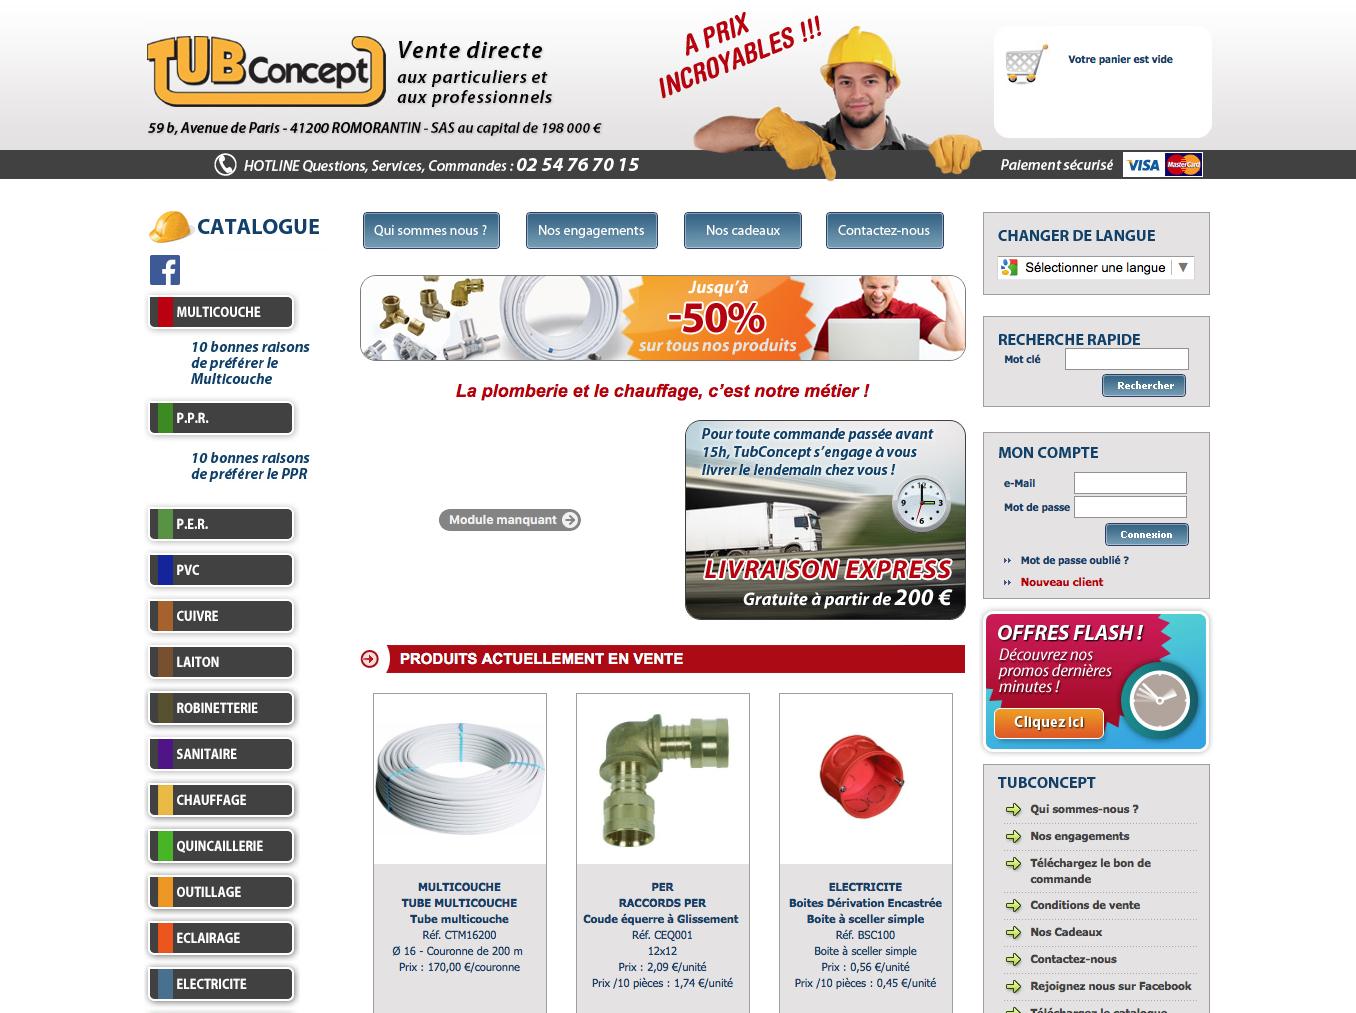 vente de materiels pour plomberie et chauffage